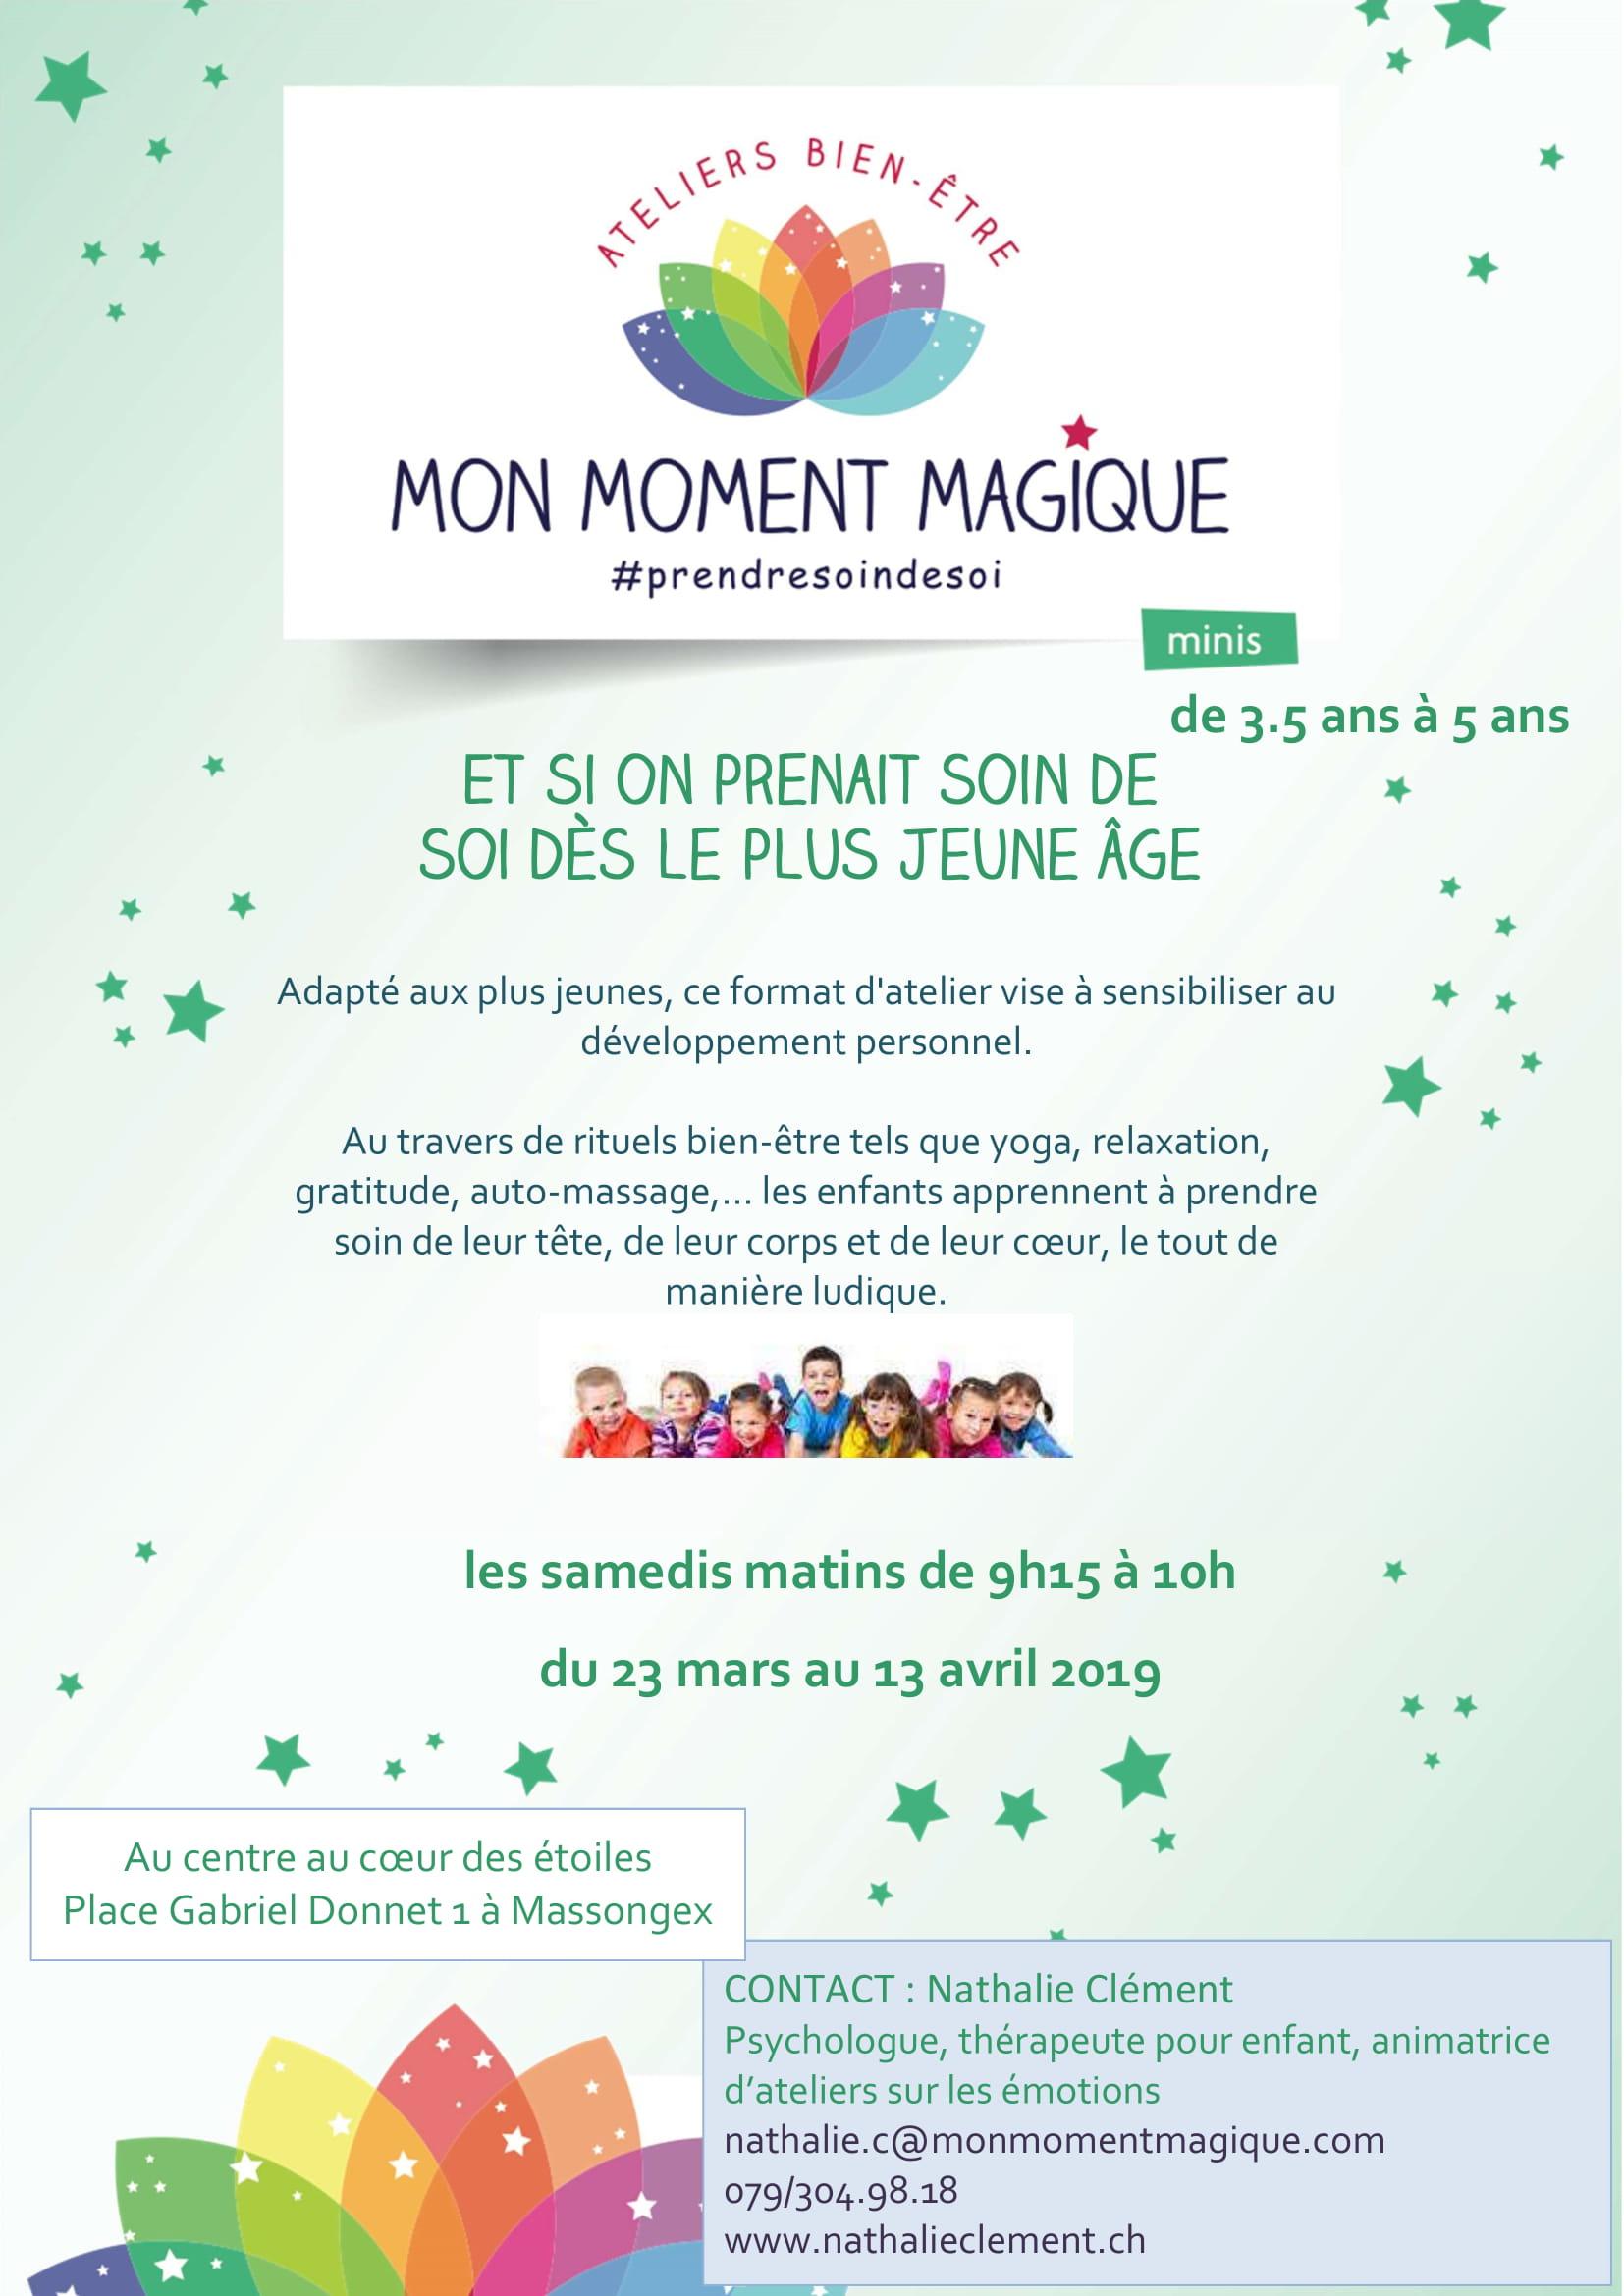 thérapeute pour enfant, mon moment magique, émotion, bien-être, chablais, suisse, Massongex